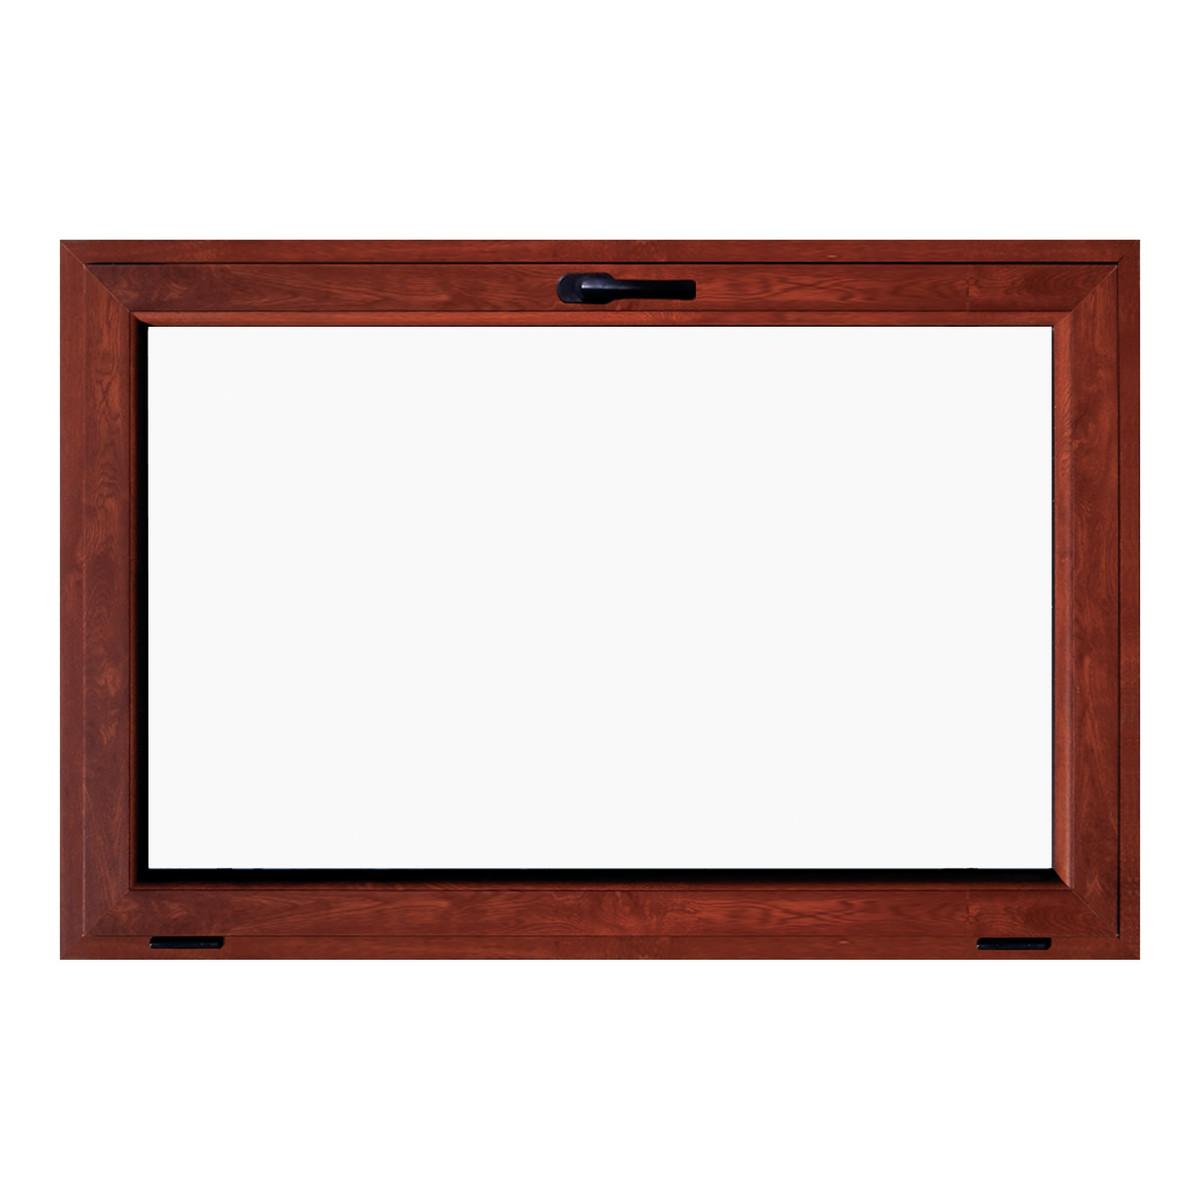 Smalvic pvc 90 5ind piano prezzi migliori offerte for Finestra 90 x 130